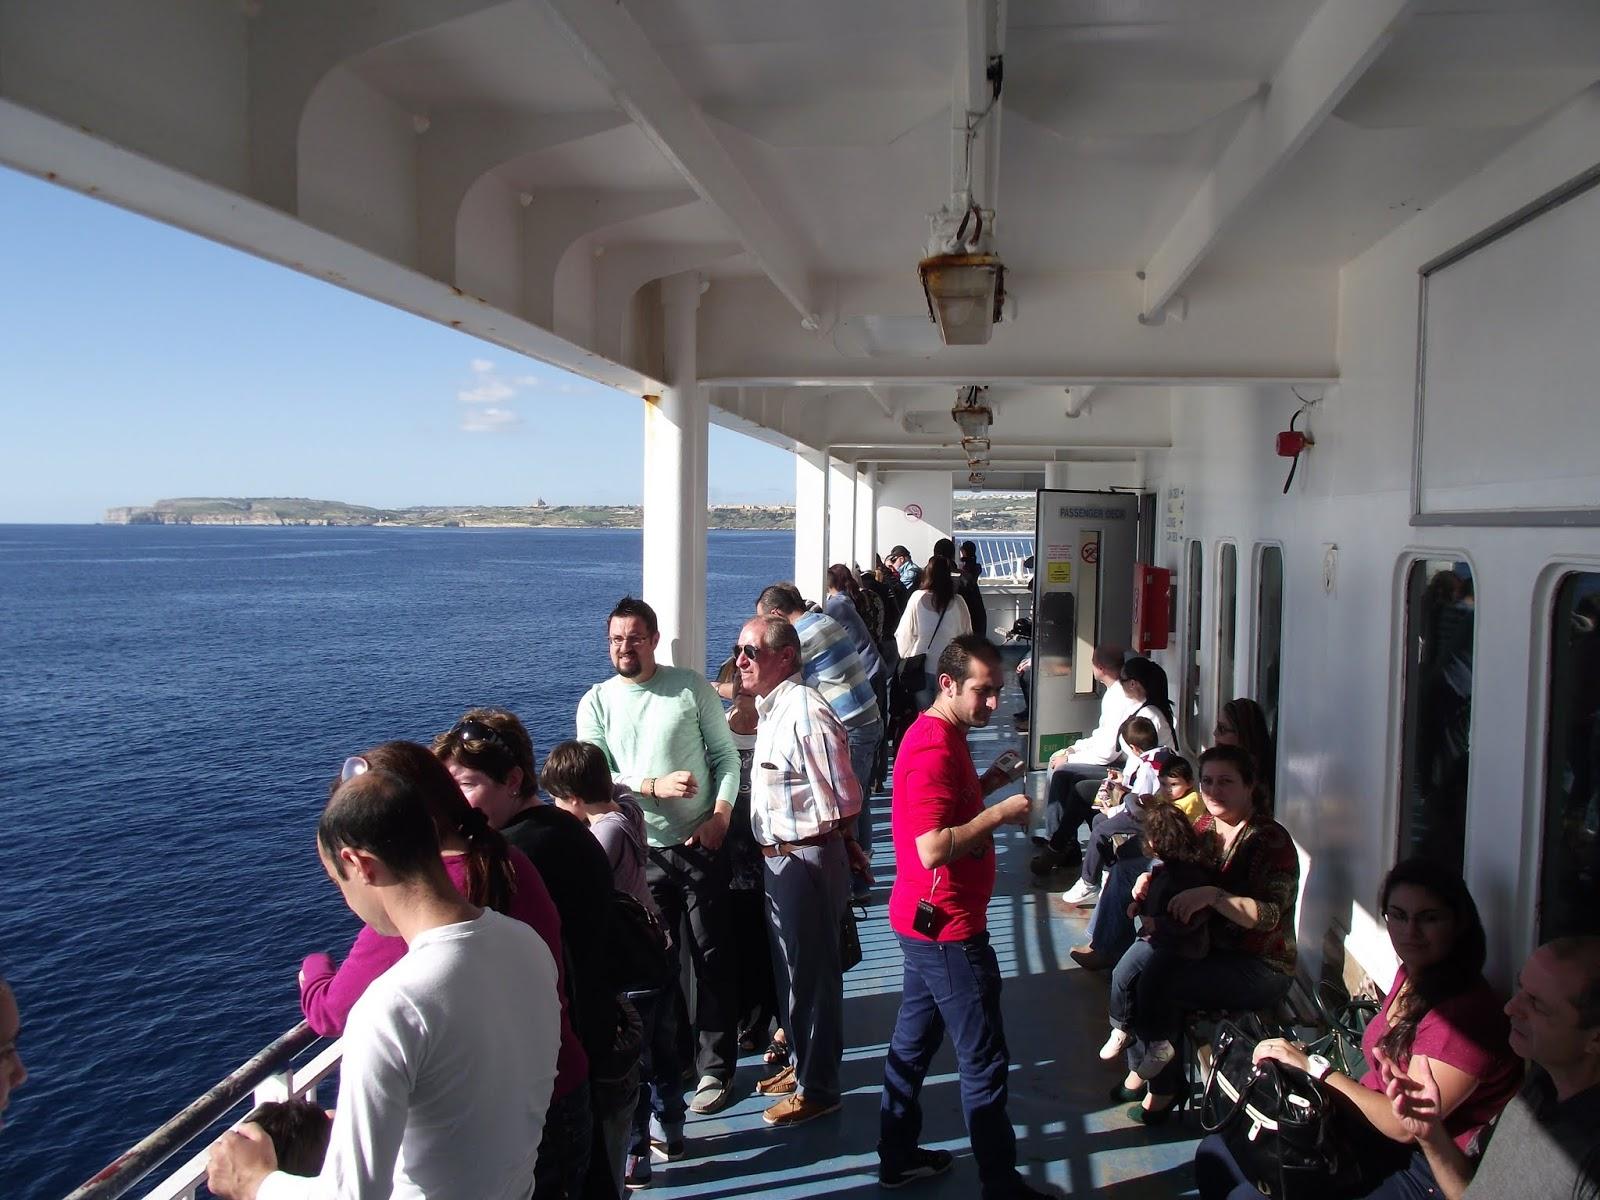 Disfrutando del sol y el mar en el ferry de malta